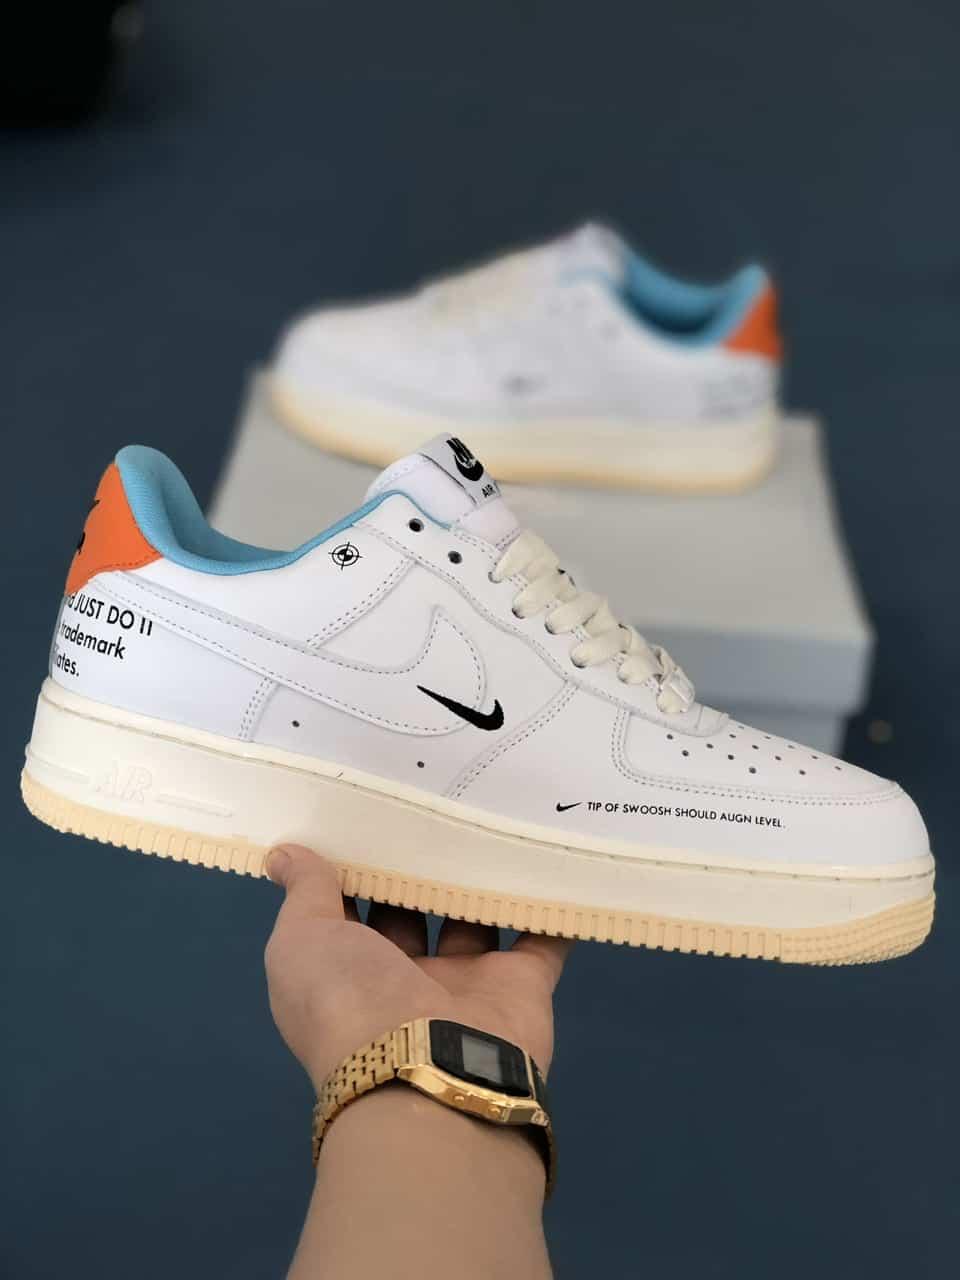 Giày Nike Air Force 1 Off White rep 1:1 có nhiều chi tiết nhỏ bắt mắt